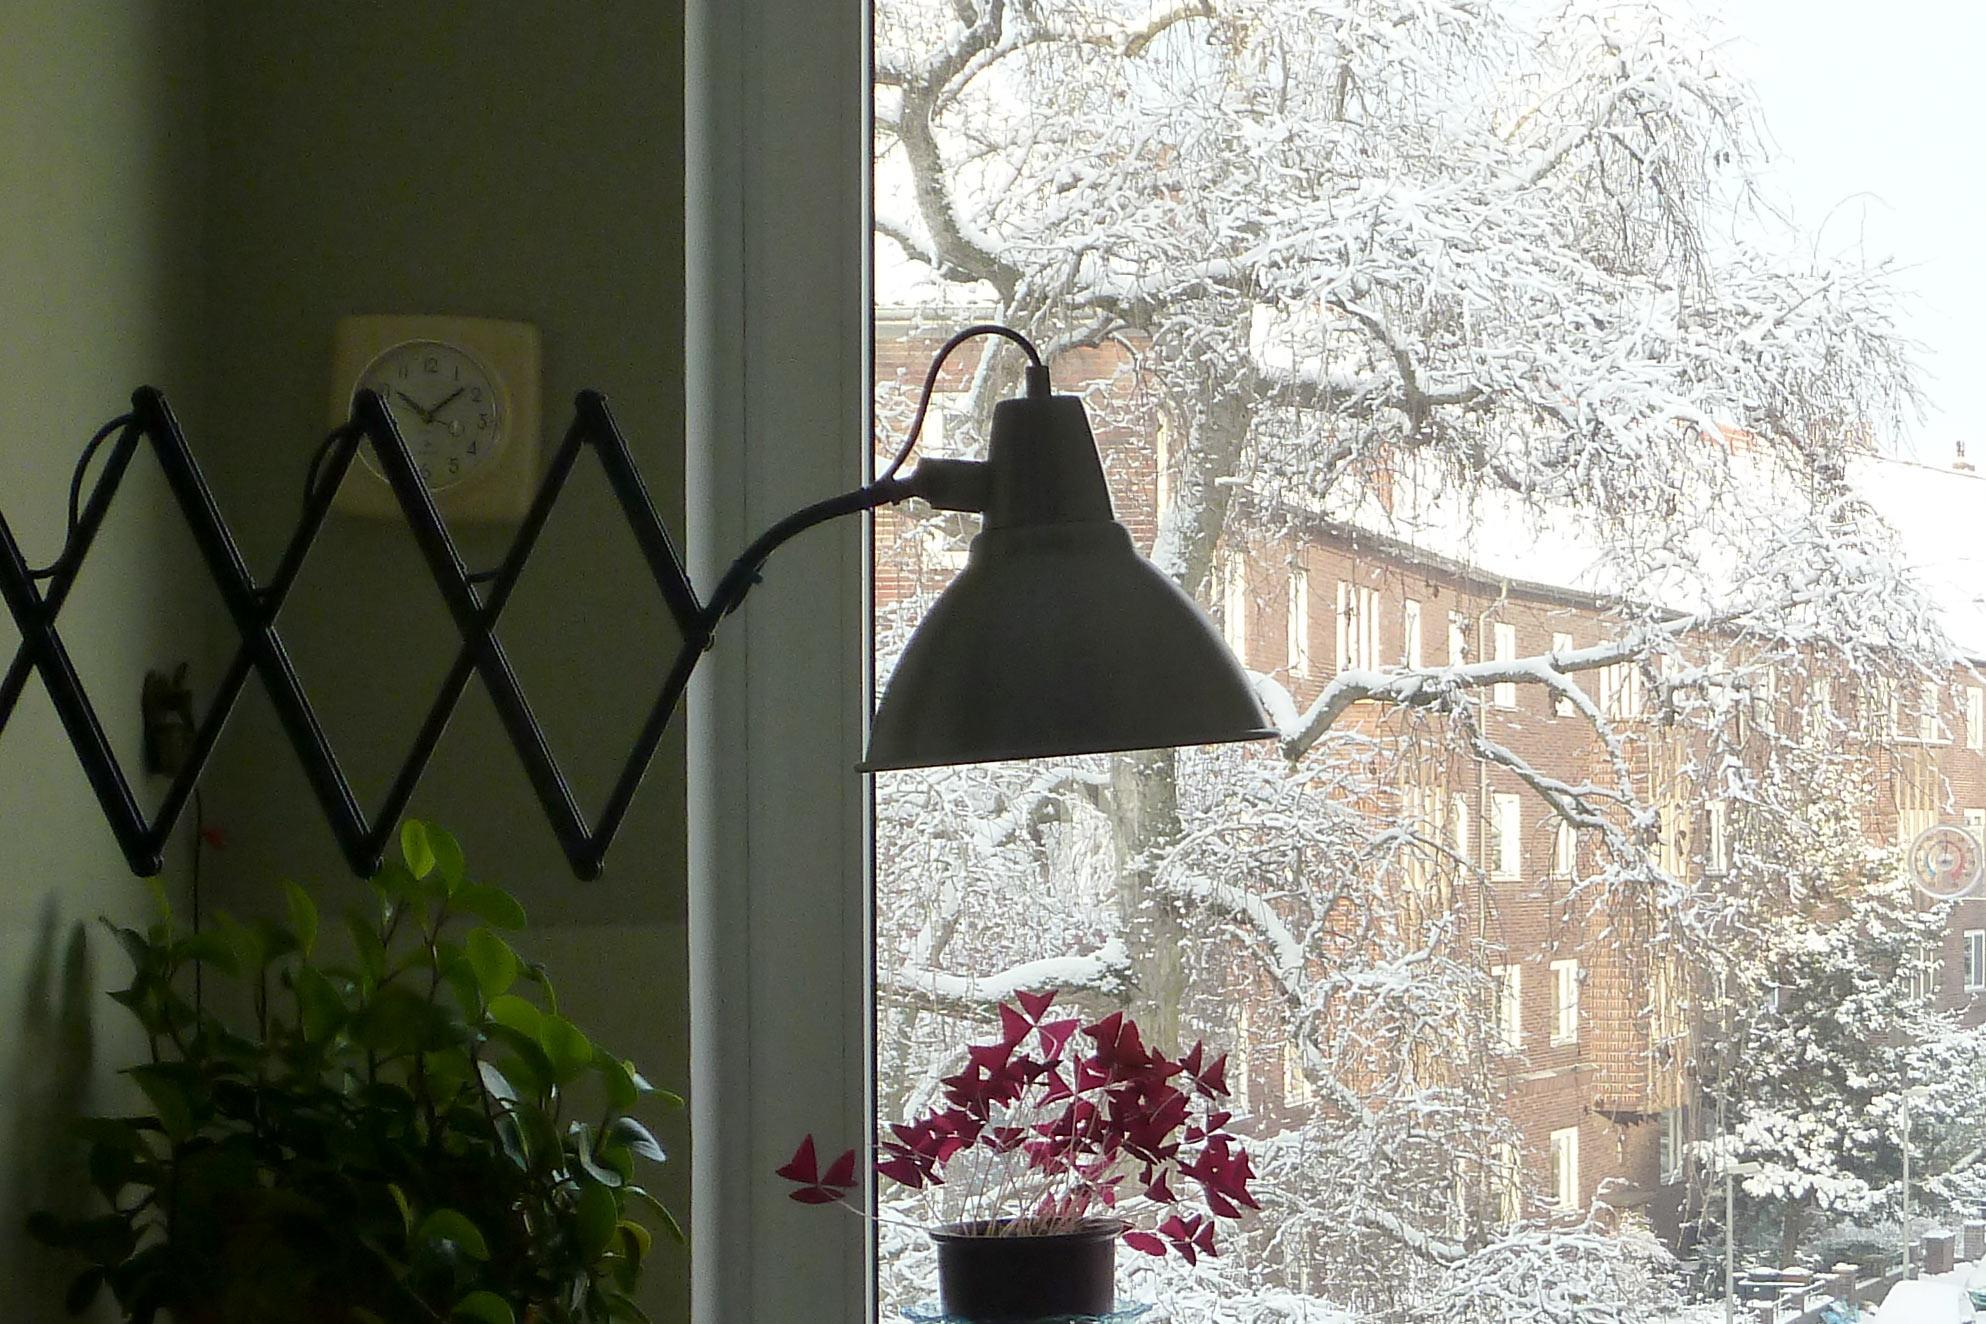 Winterstimmung Schnee Scherenlampe in der Küche